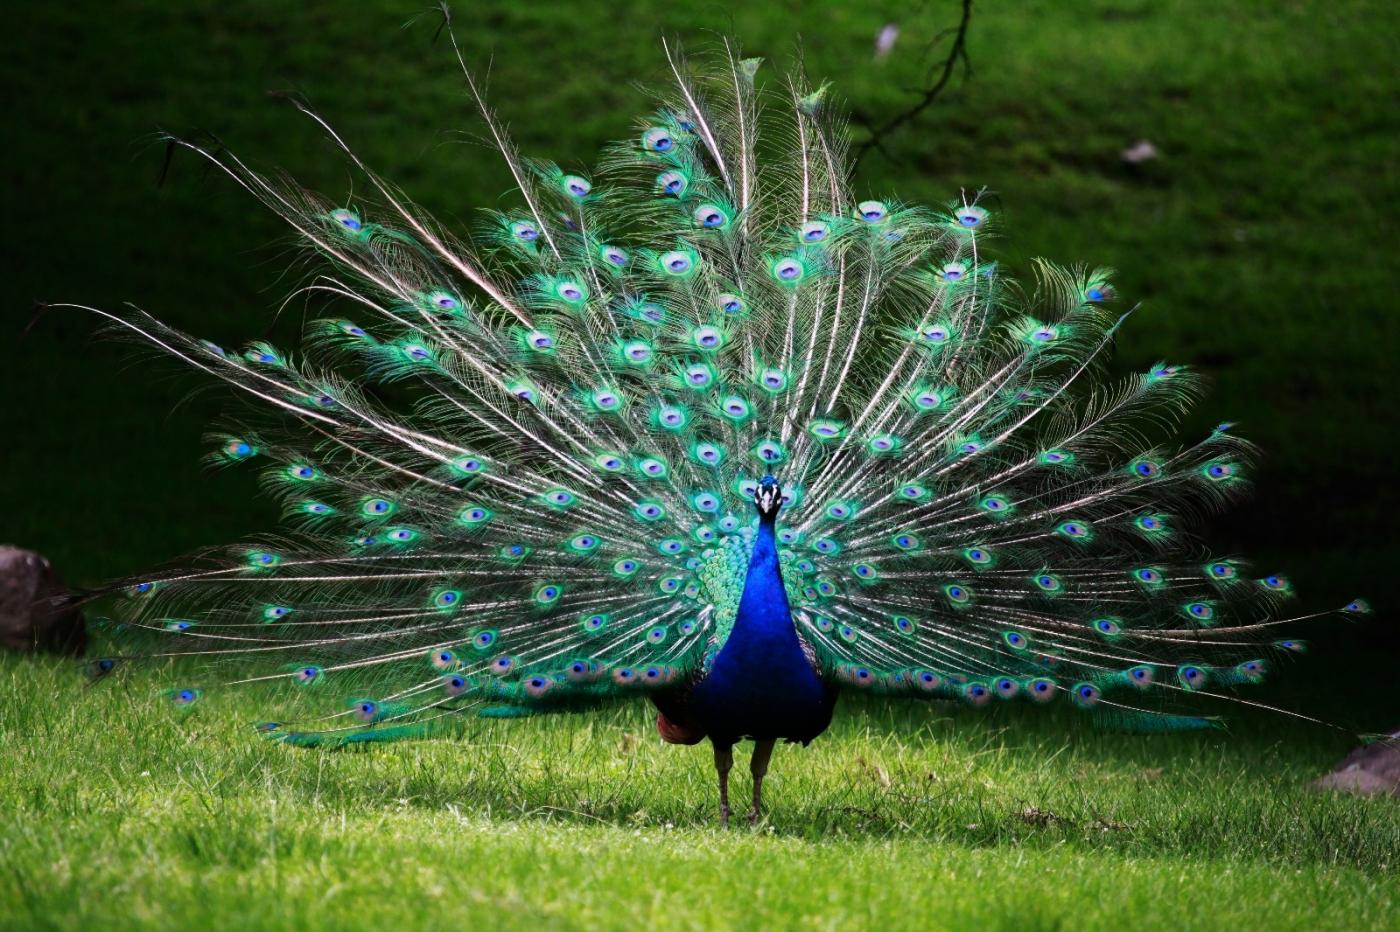 动物园花絮(摄于布朗士动物园,皇后区动物园)_图1-1